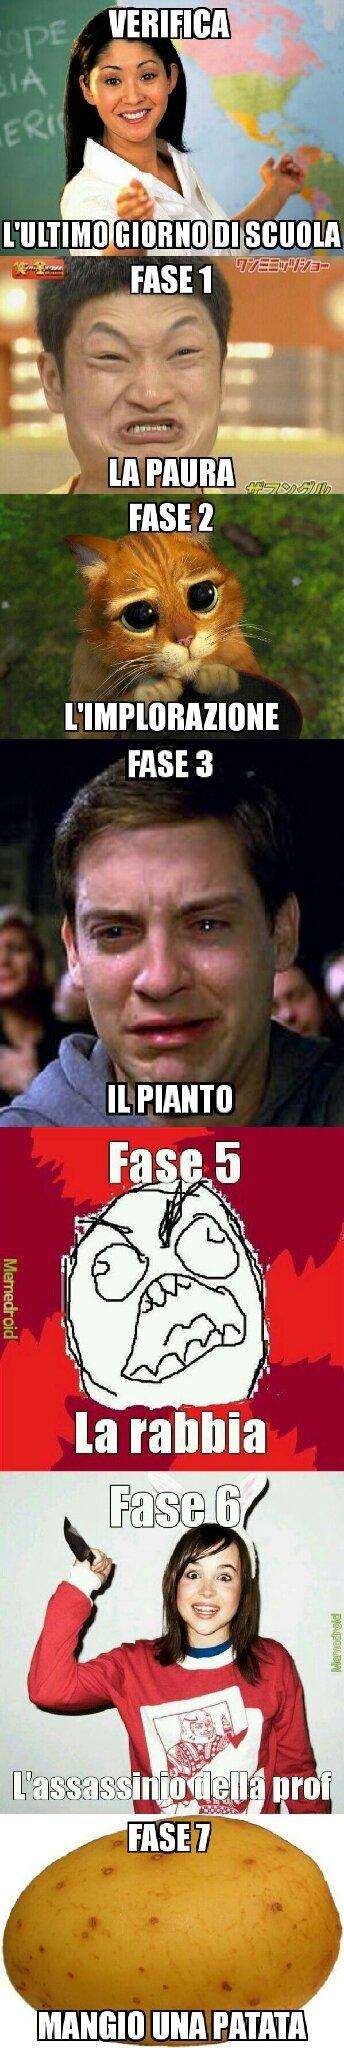 Viva la pasta..lo so il meme fa scifo (lo scritto così apposta)